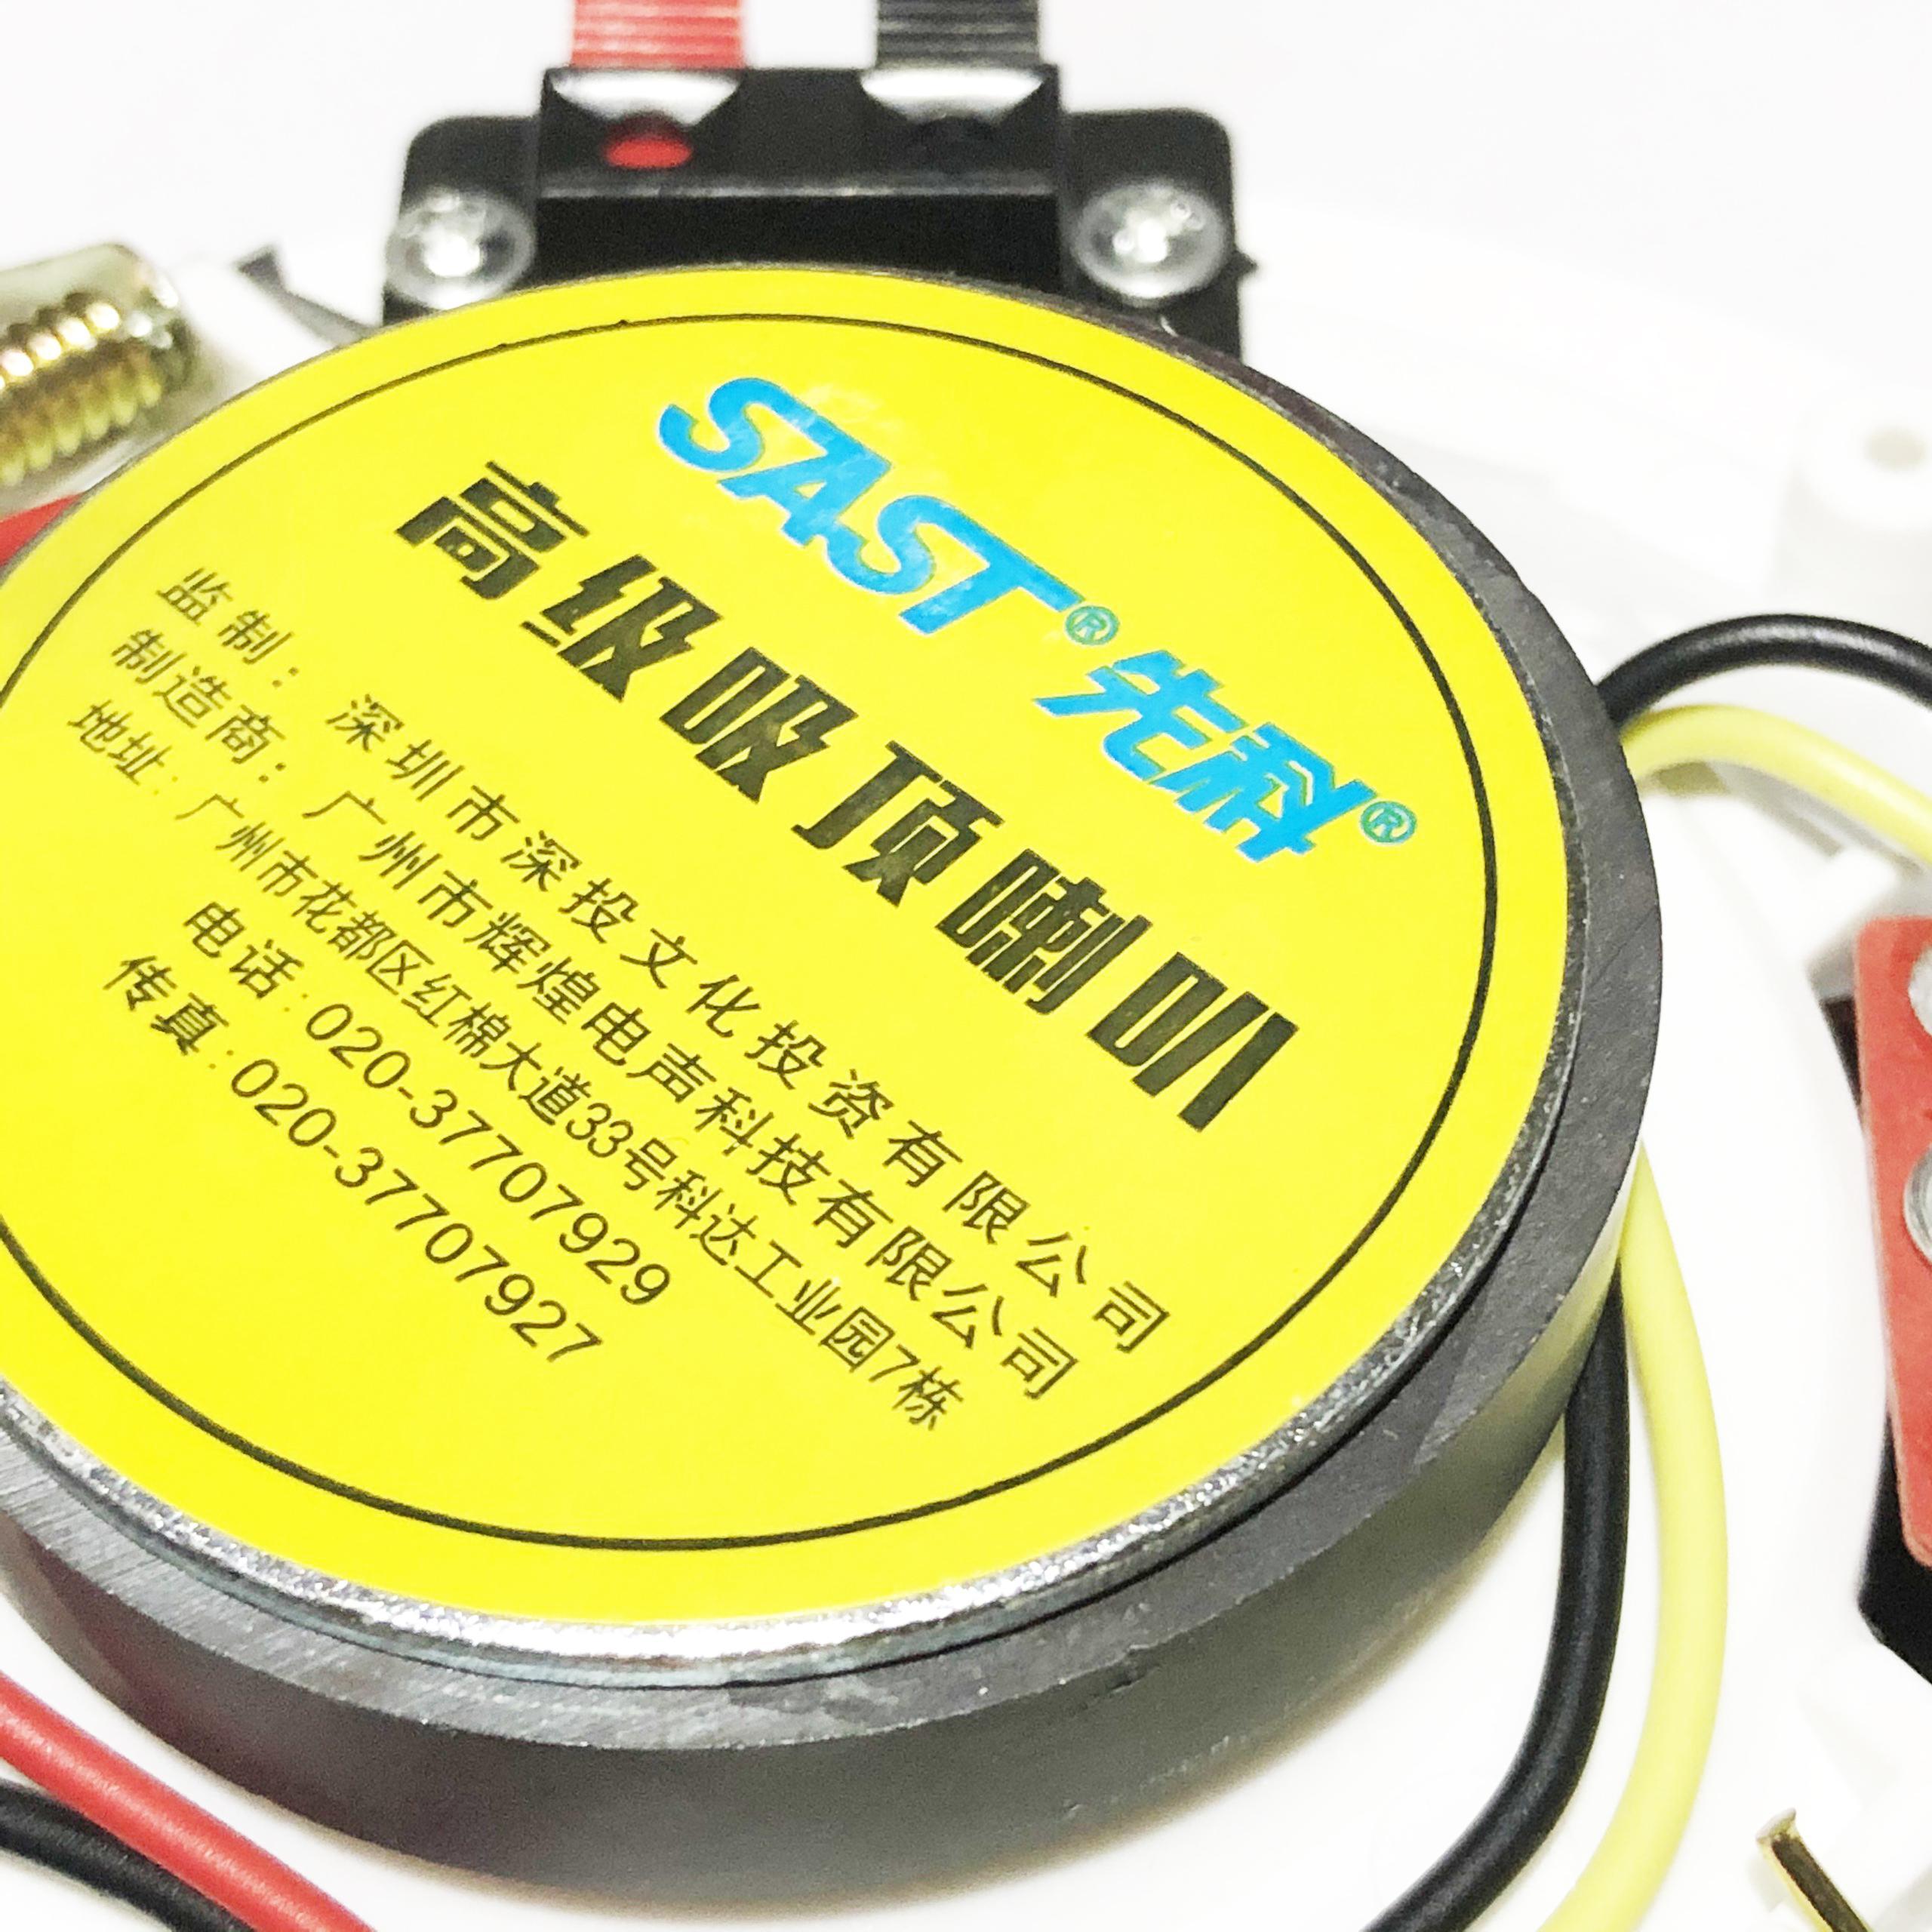 Bộ 02 Loa Âm Trần SAST Công Suất 6W Kích Thước 5 inch Mặt Tròn Lưới Mịn PD - Hàng Nhập Khẩu